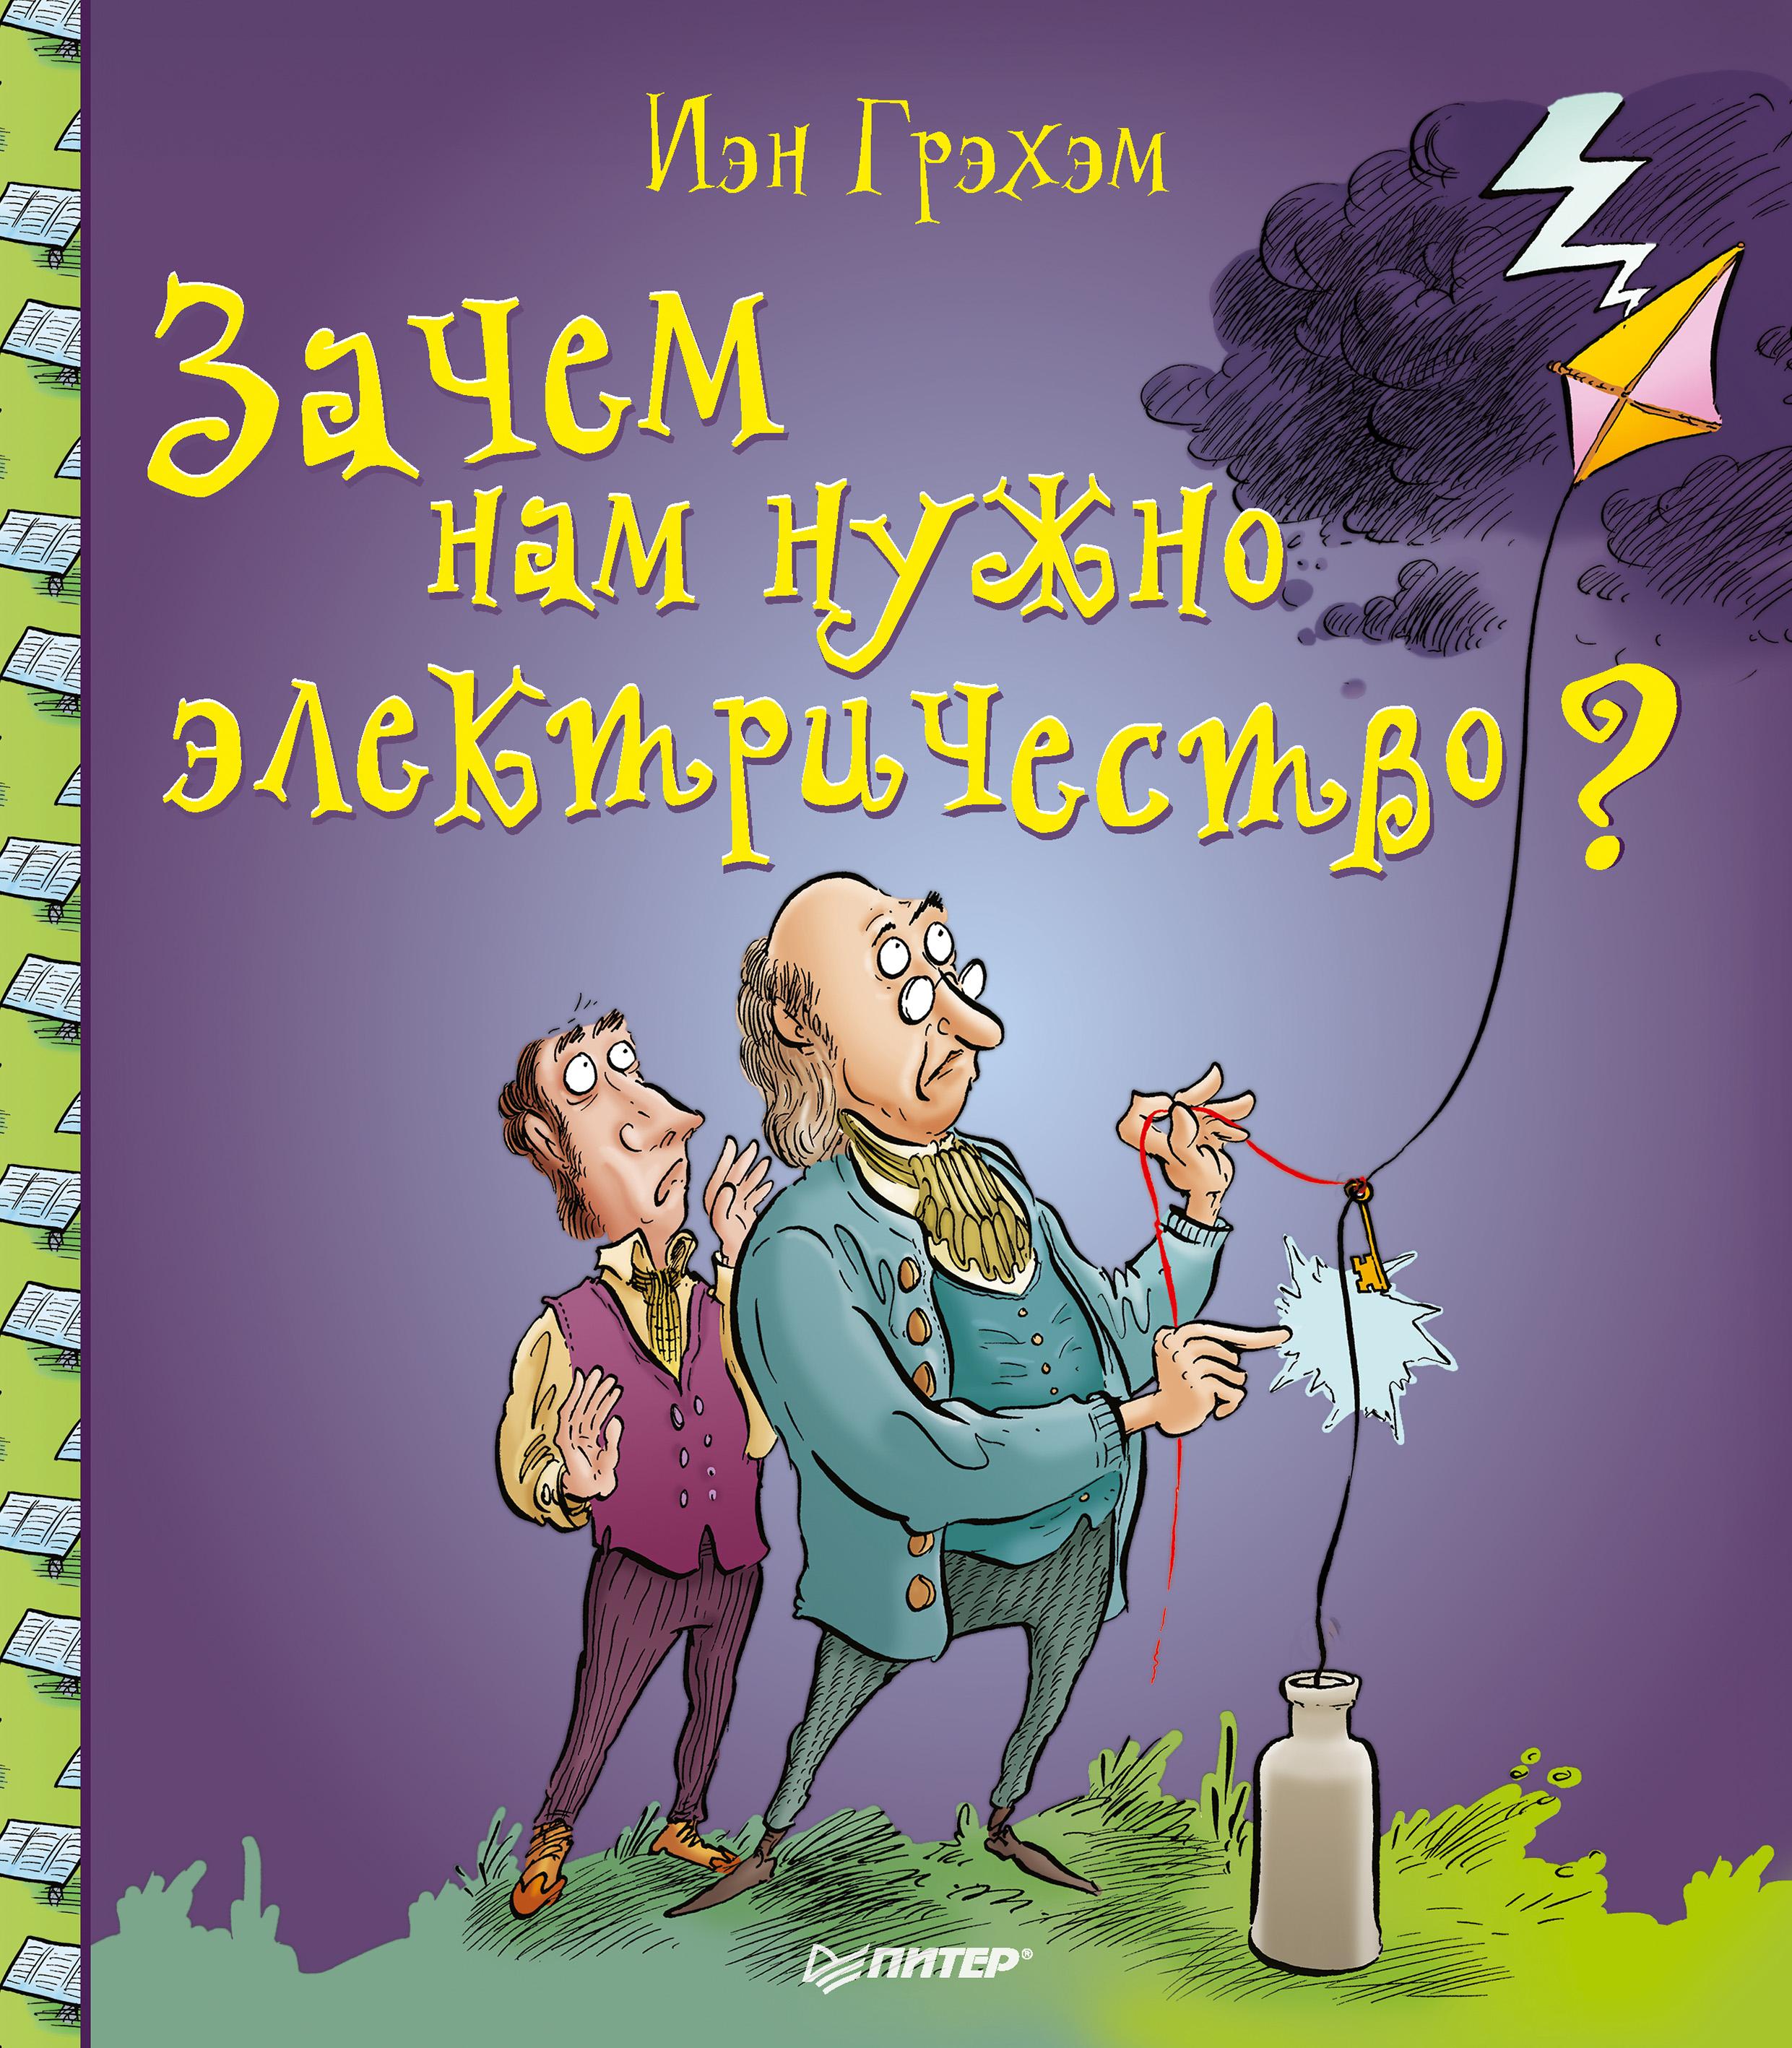 Иэн Грэхэм Зачем нам нужно электричество?